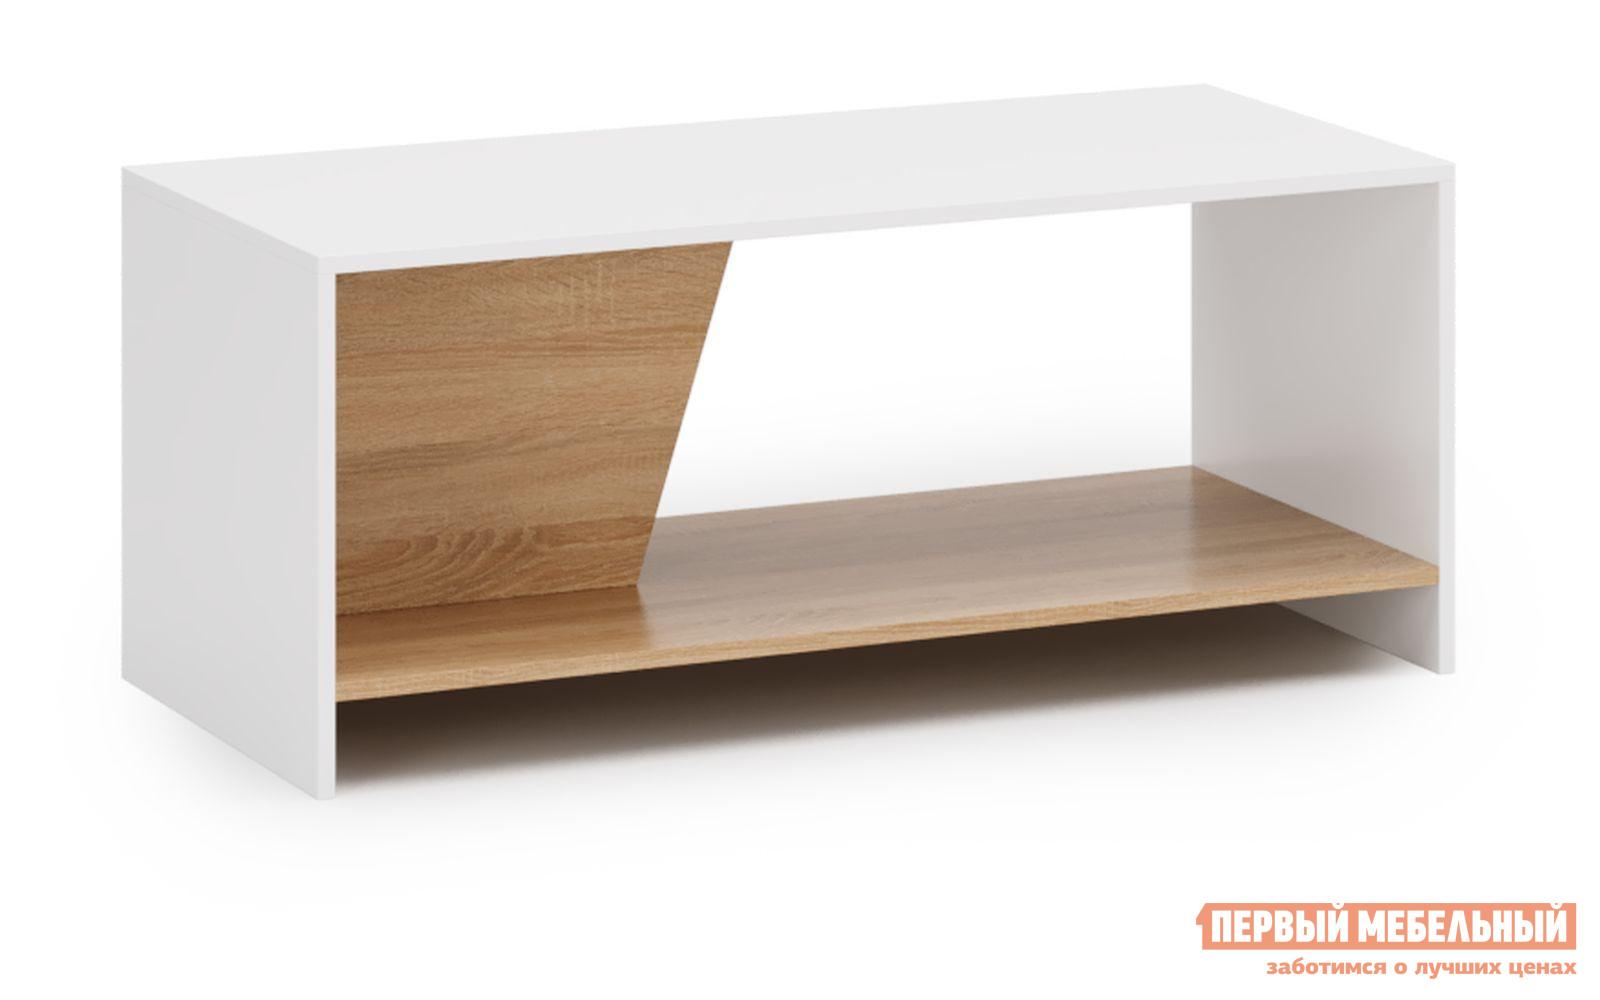 Журнальный столик Первый Мебельный Журнальный стол Вентура